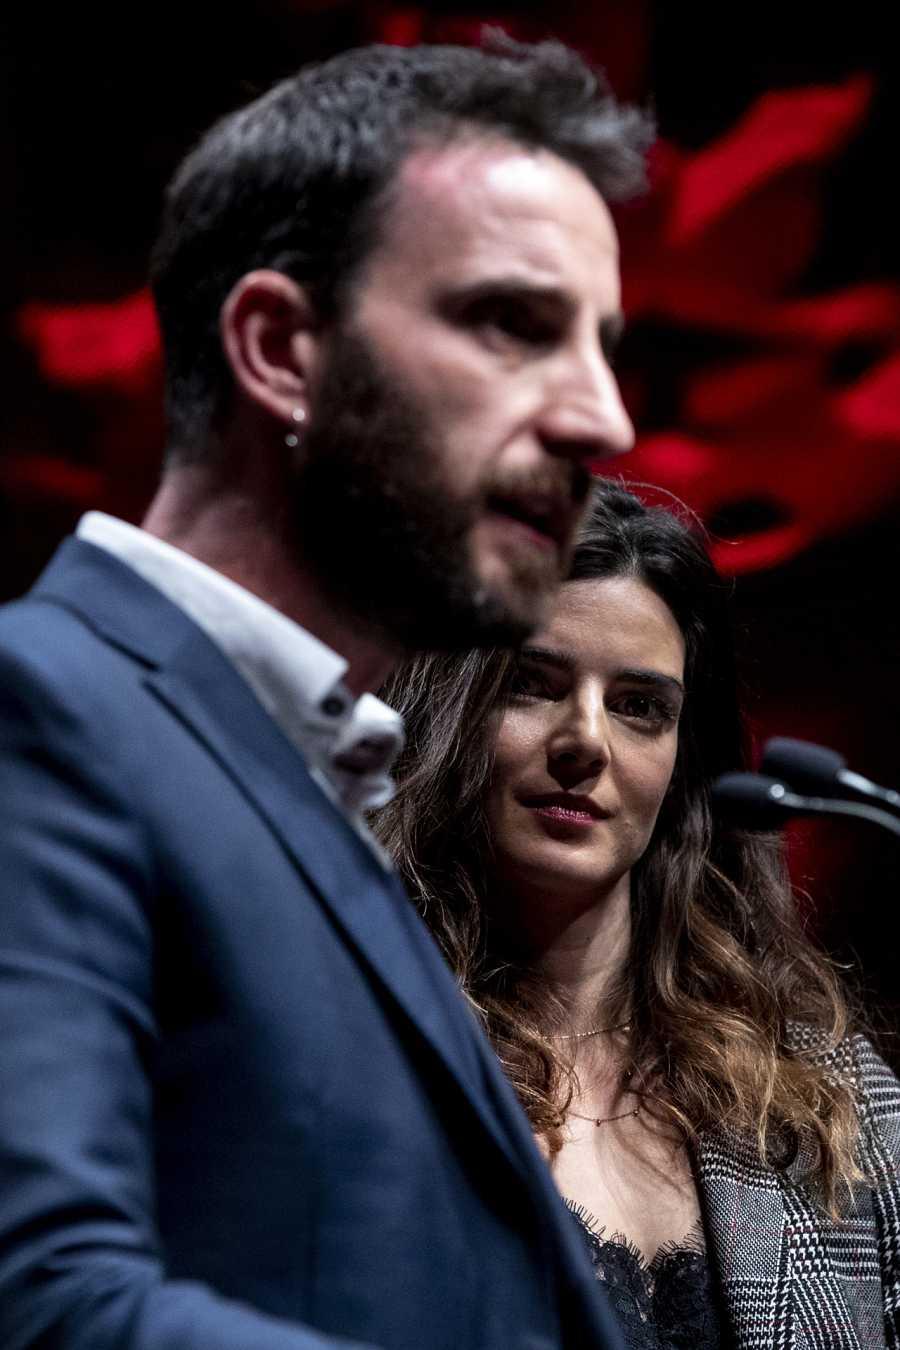 Dani Rovira y Clara Lago atienden a los medios en la entrega de premios de Save the children